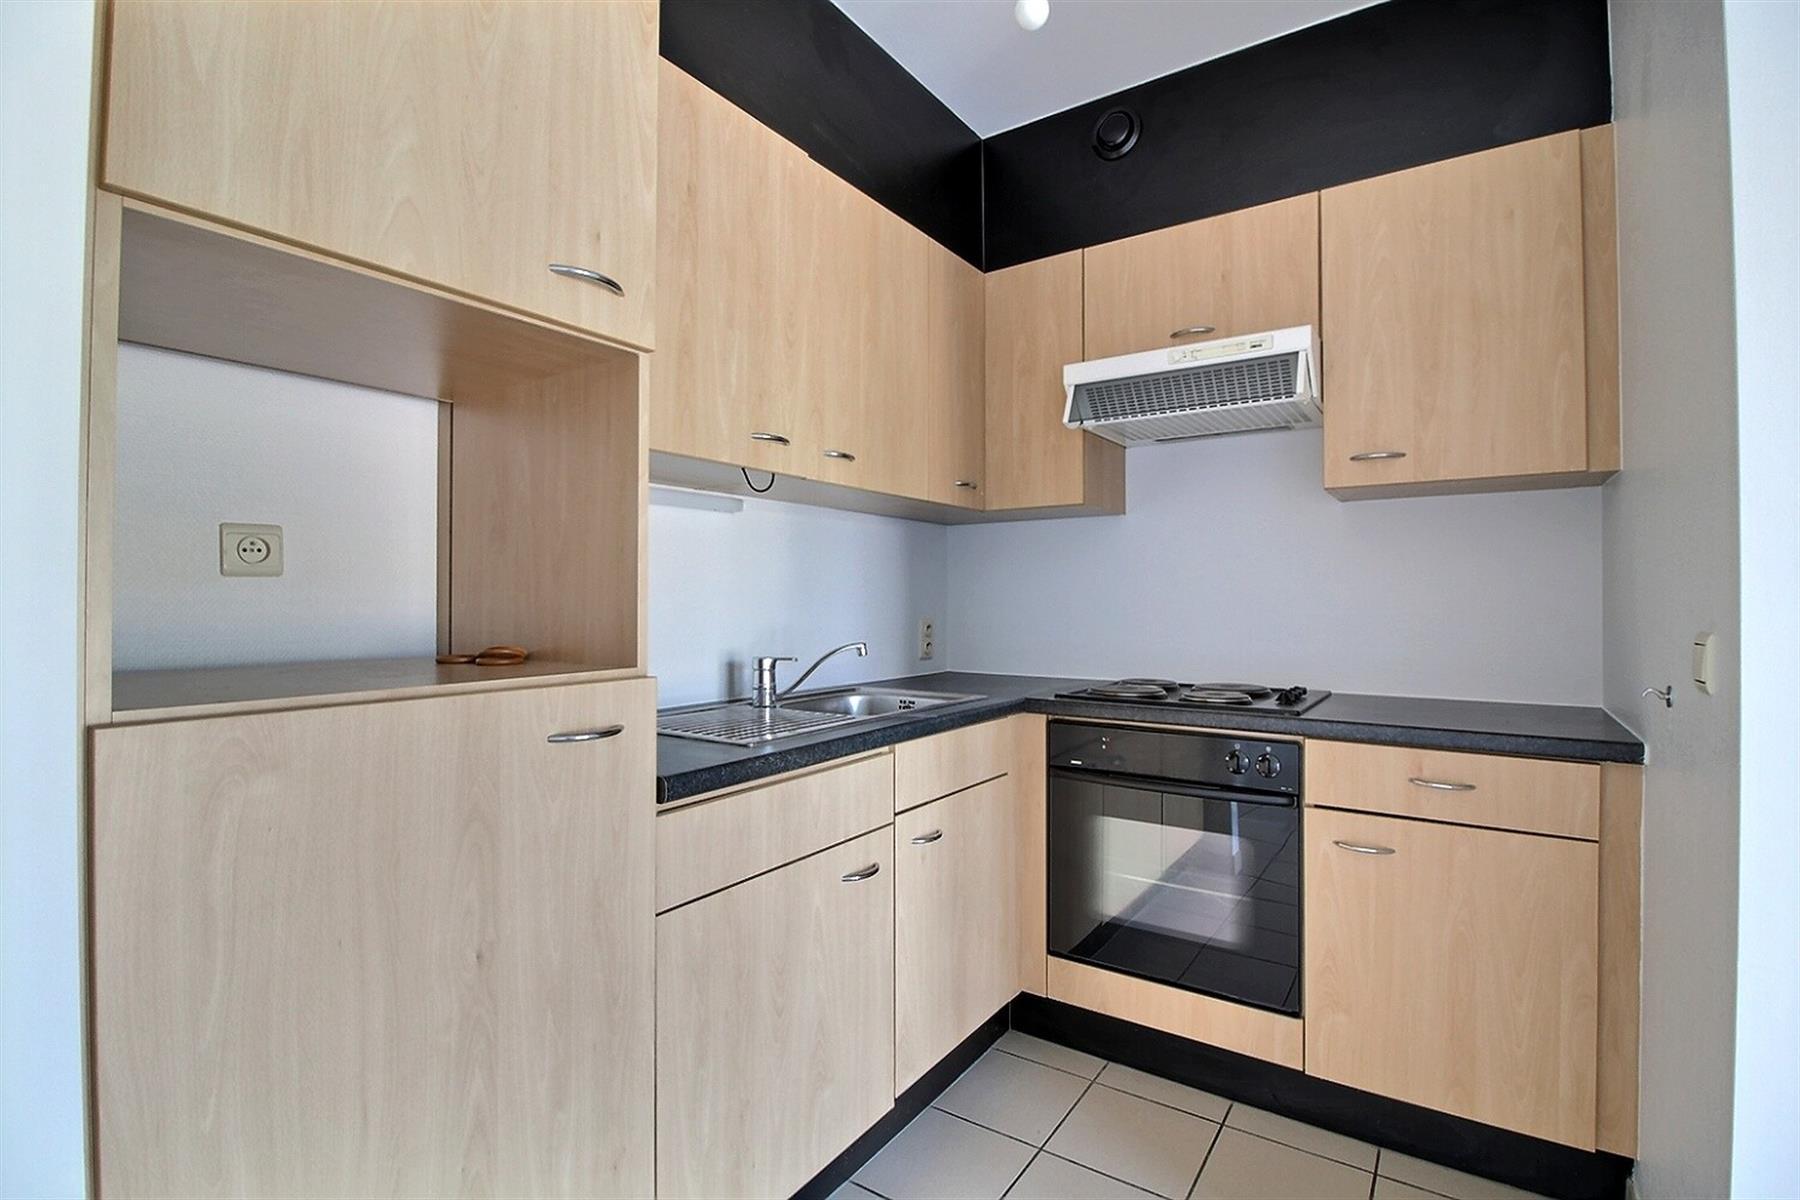 Appartement - Ottignies-Louvain-la-Neuve Louvain-la-Neuve - #4445203-3